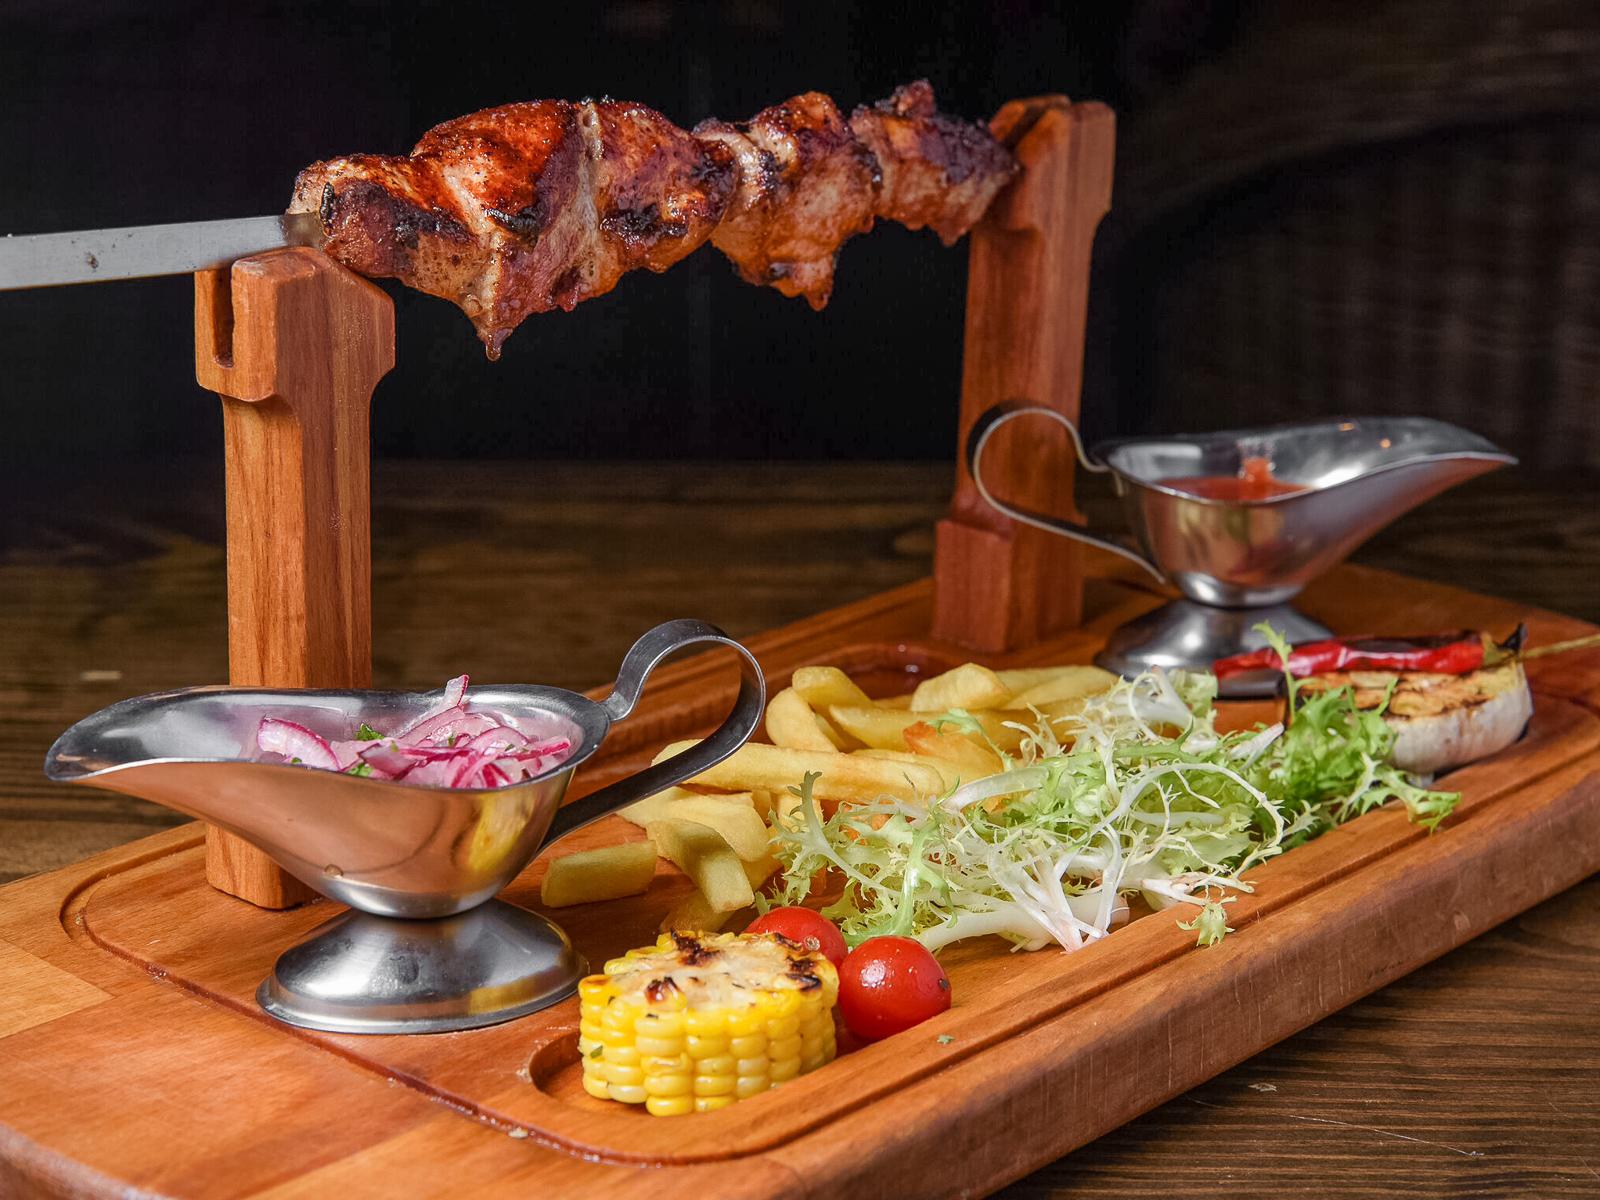 Шашлык из свинины с овощами и картофелем фри